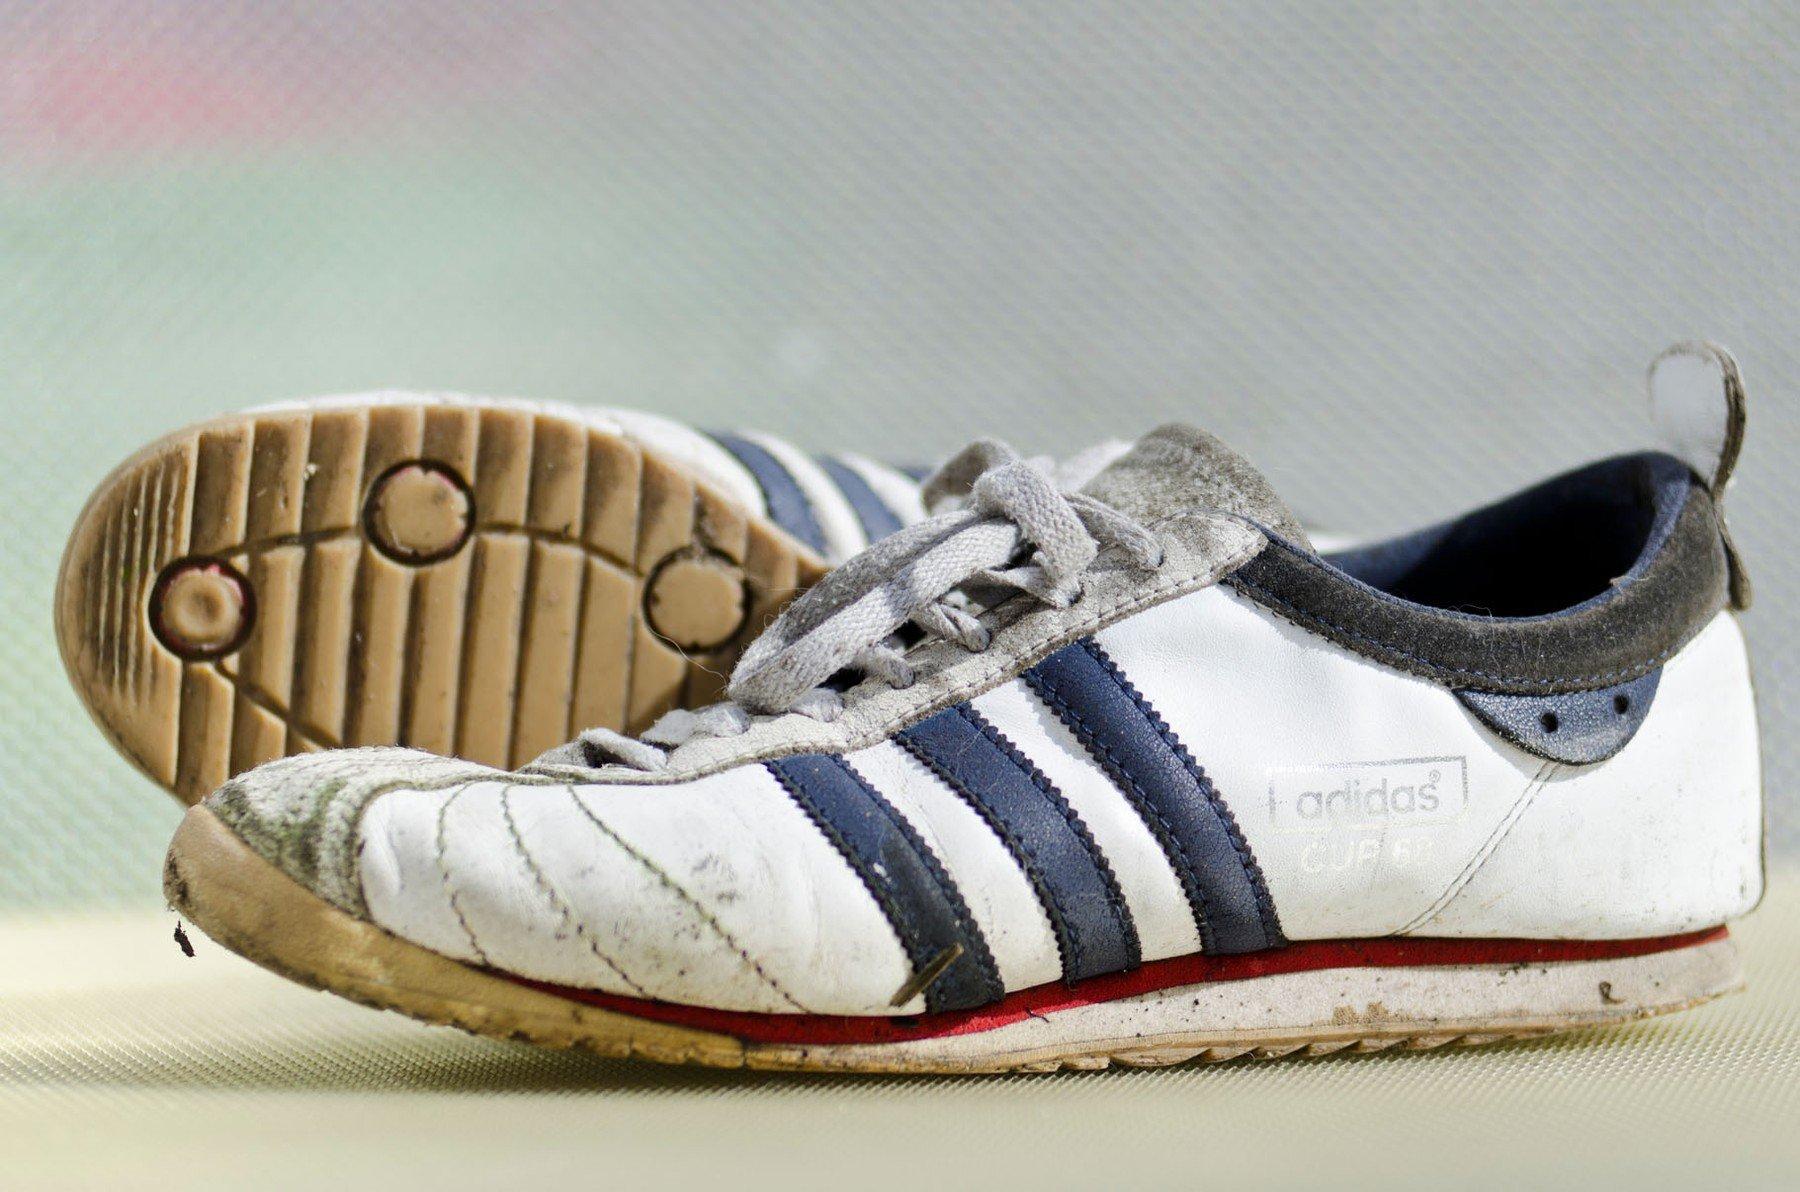 Adidas 'vintage' tenisice